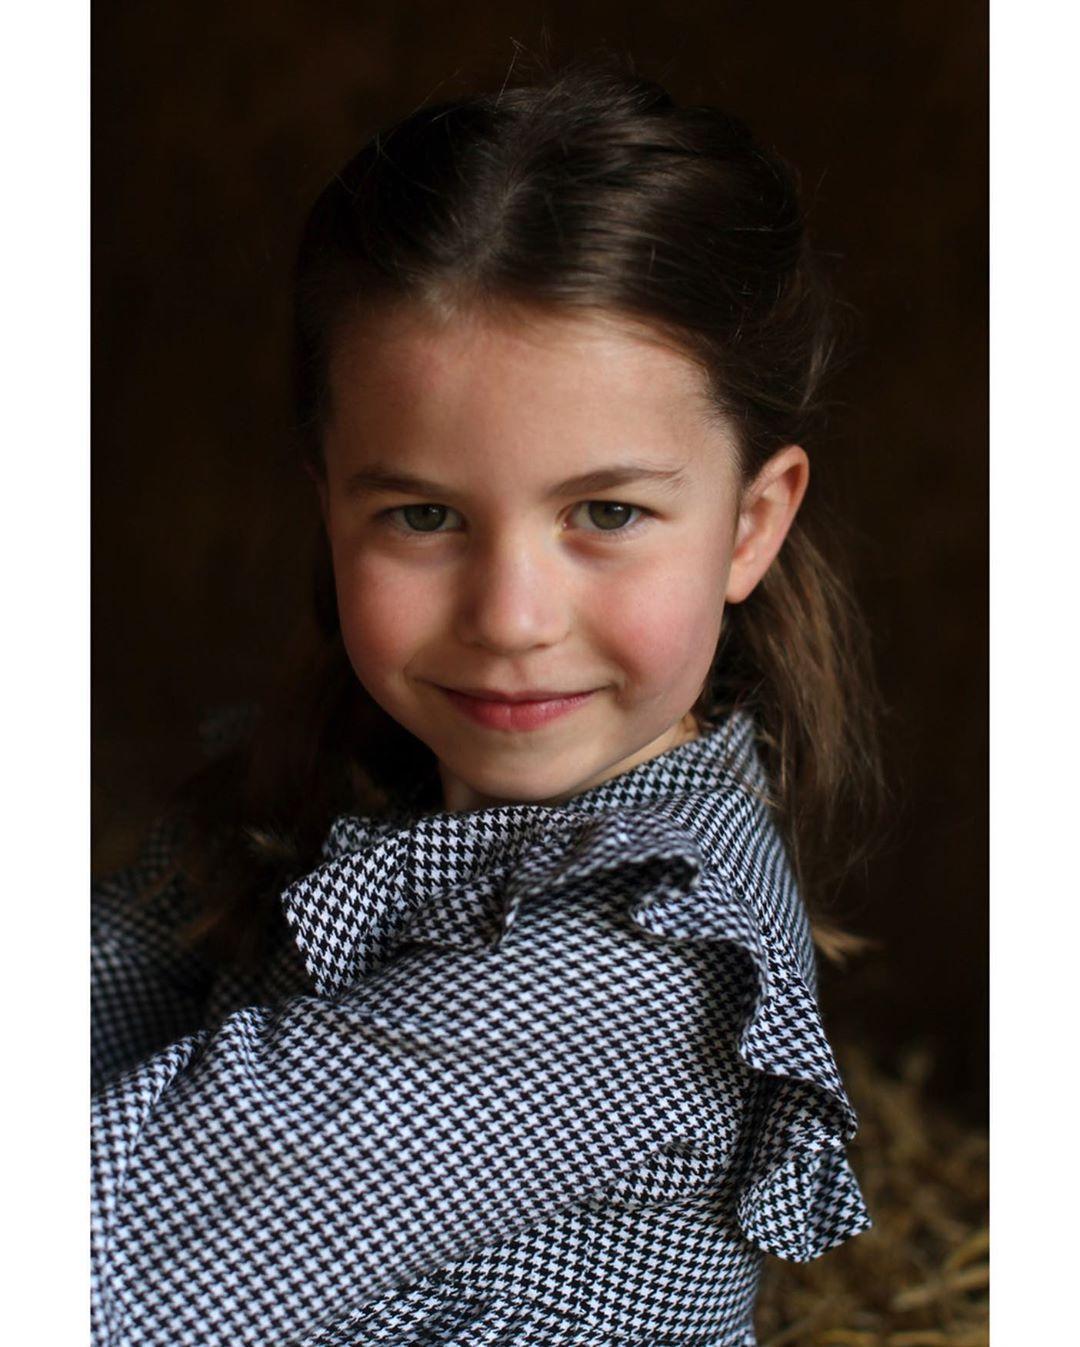 Принцессе Шарлотте сегодня исполняется 5 лет